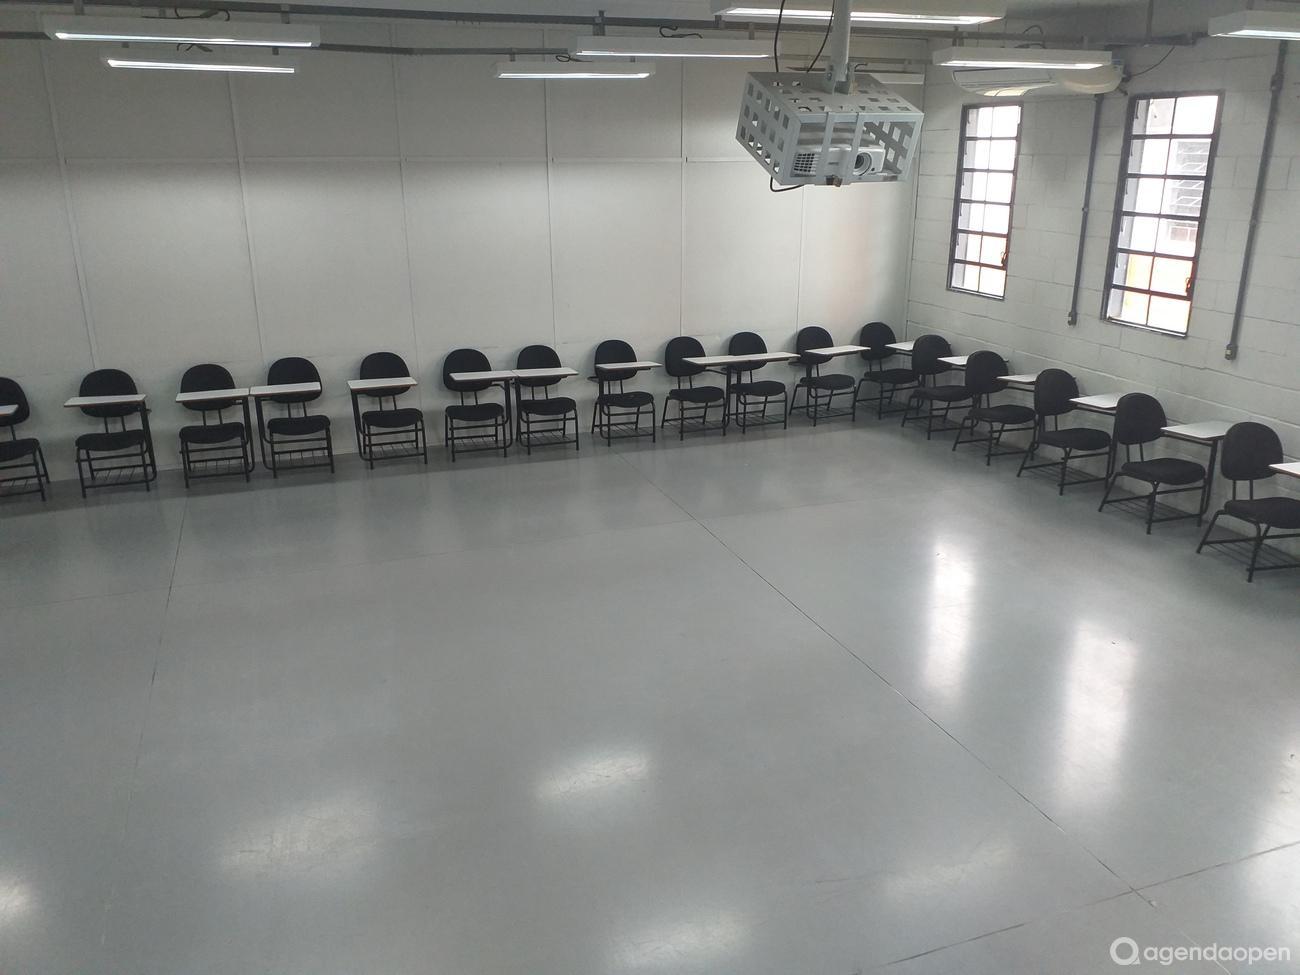 Sala de Aula 3D1,3D2,9D1,9D2,10D1,10D2 e 13D1,13D2